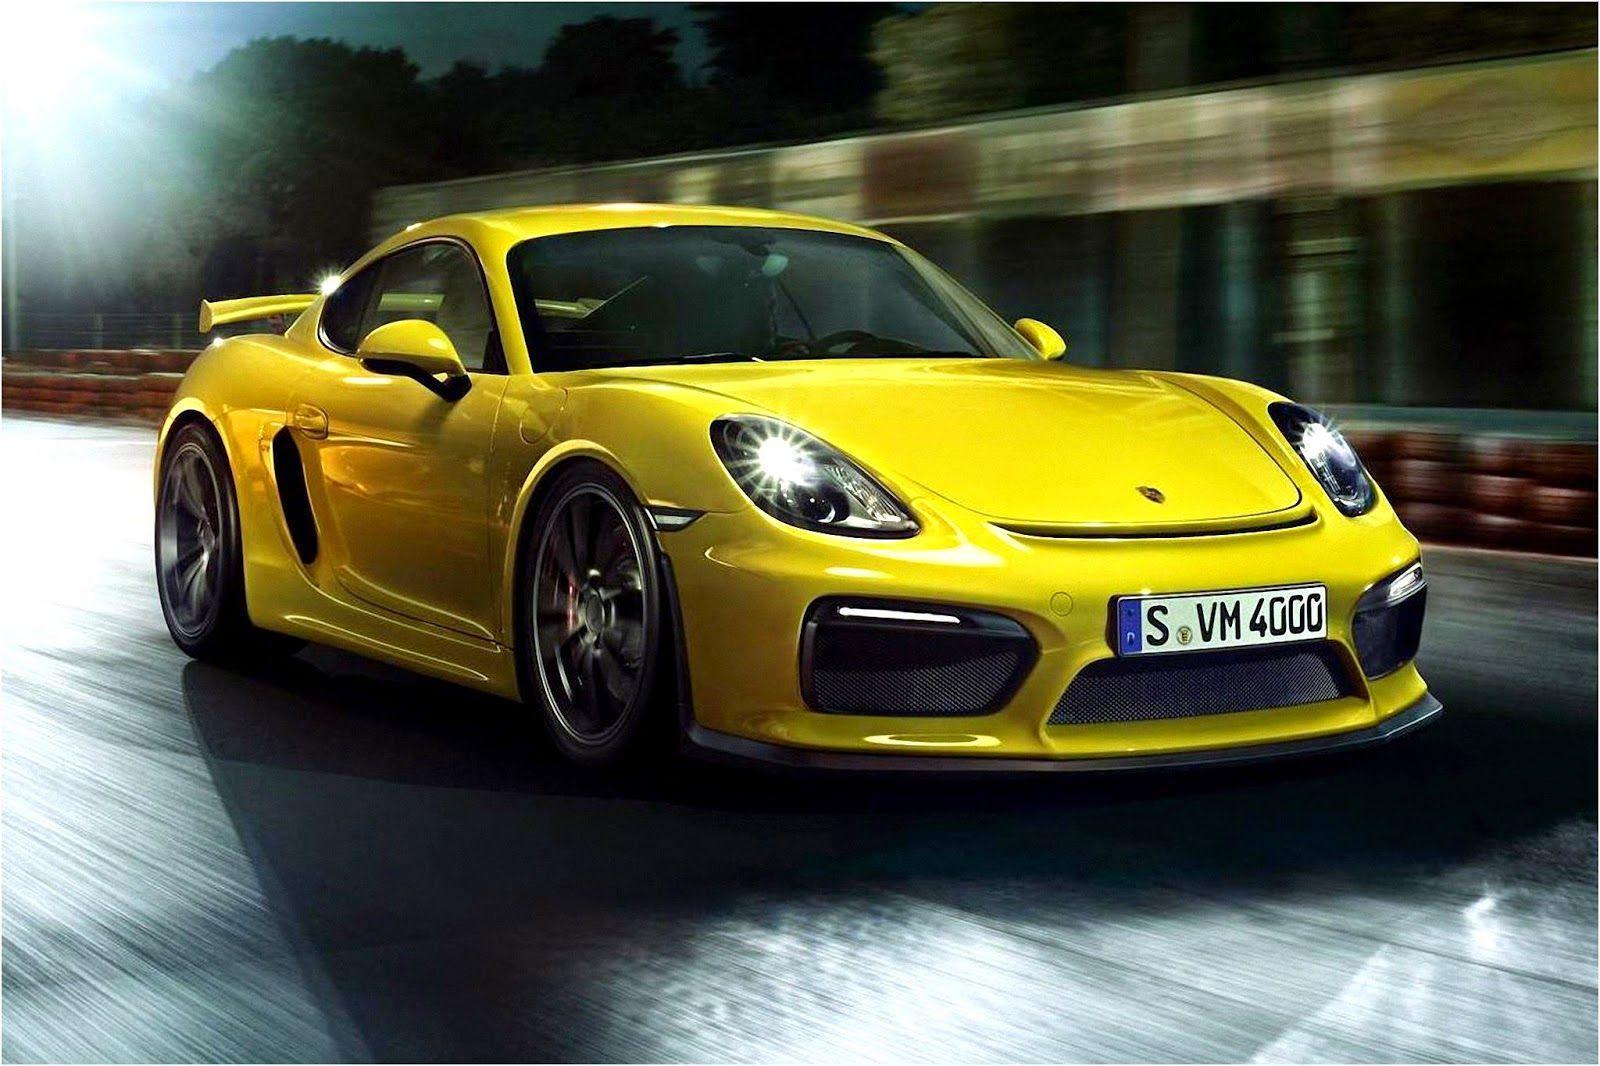 Porsche Yellow Wallpapers Top Free Porsche Yellow Backgrounds Wallpaperaccess